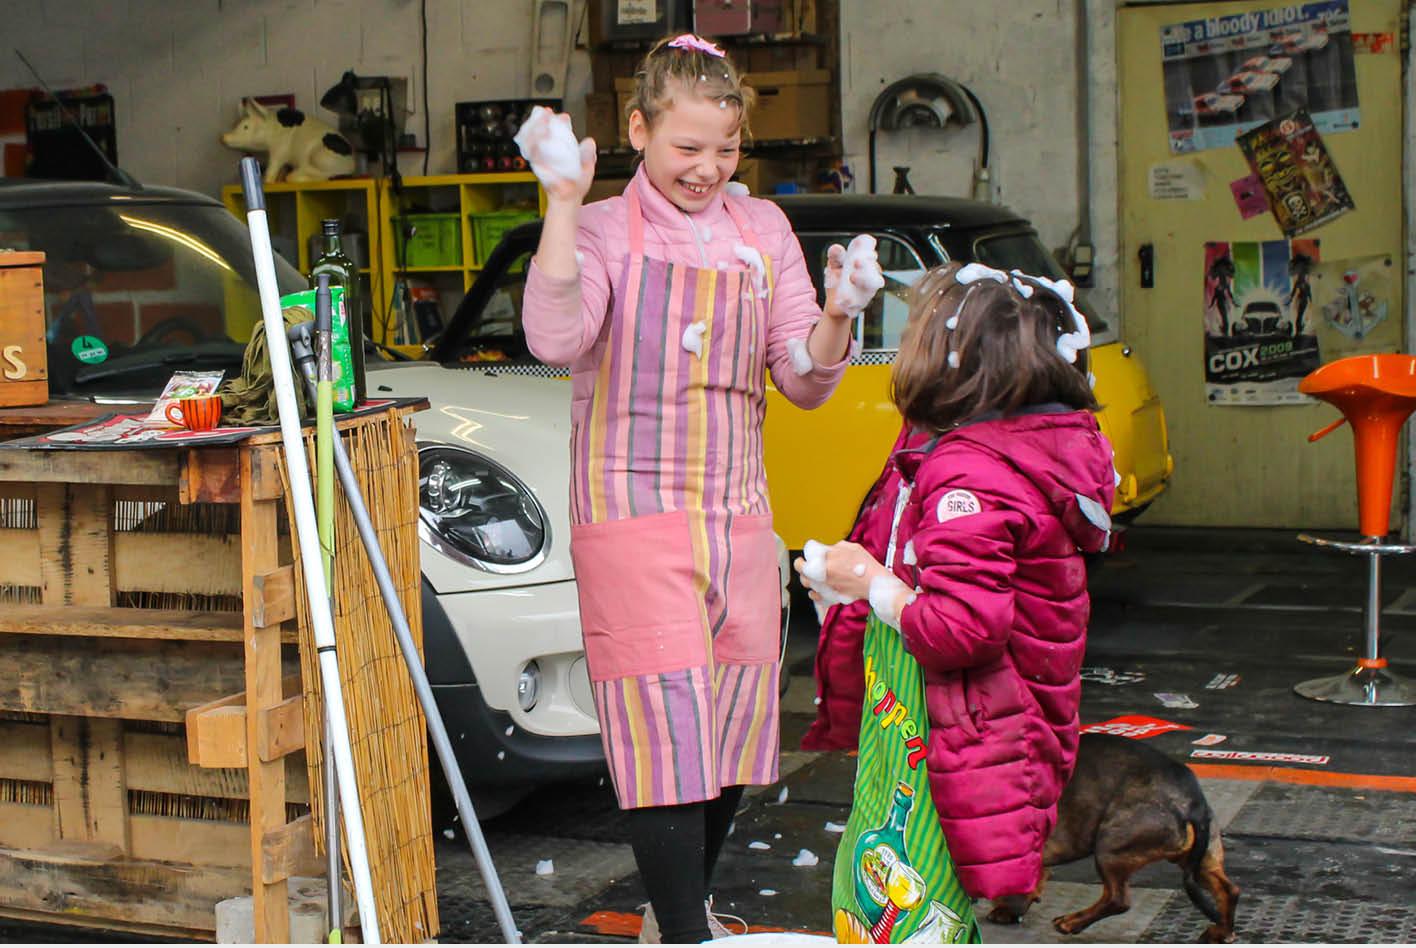 Zwei Kinder machen eine Schaumschlacht vor dme Auto.